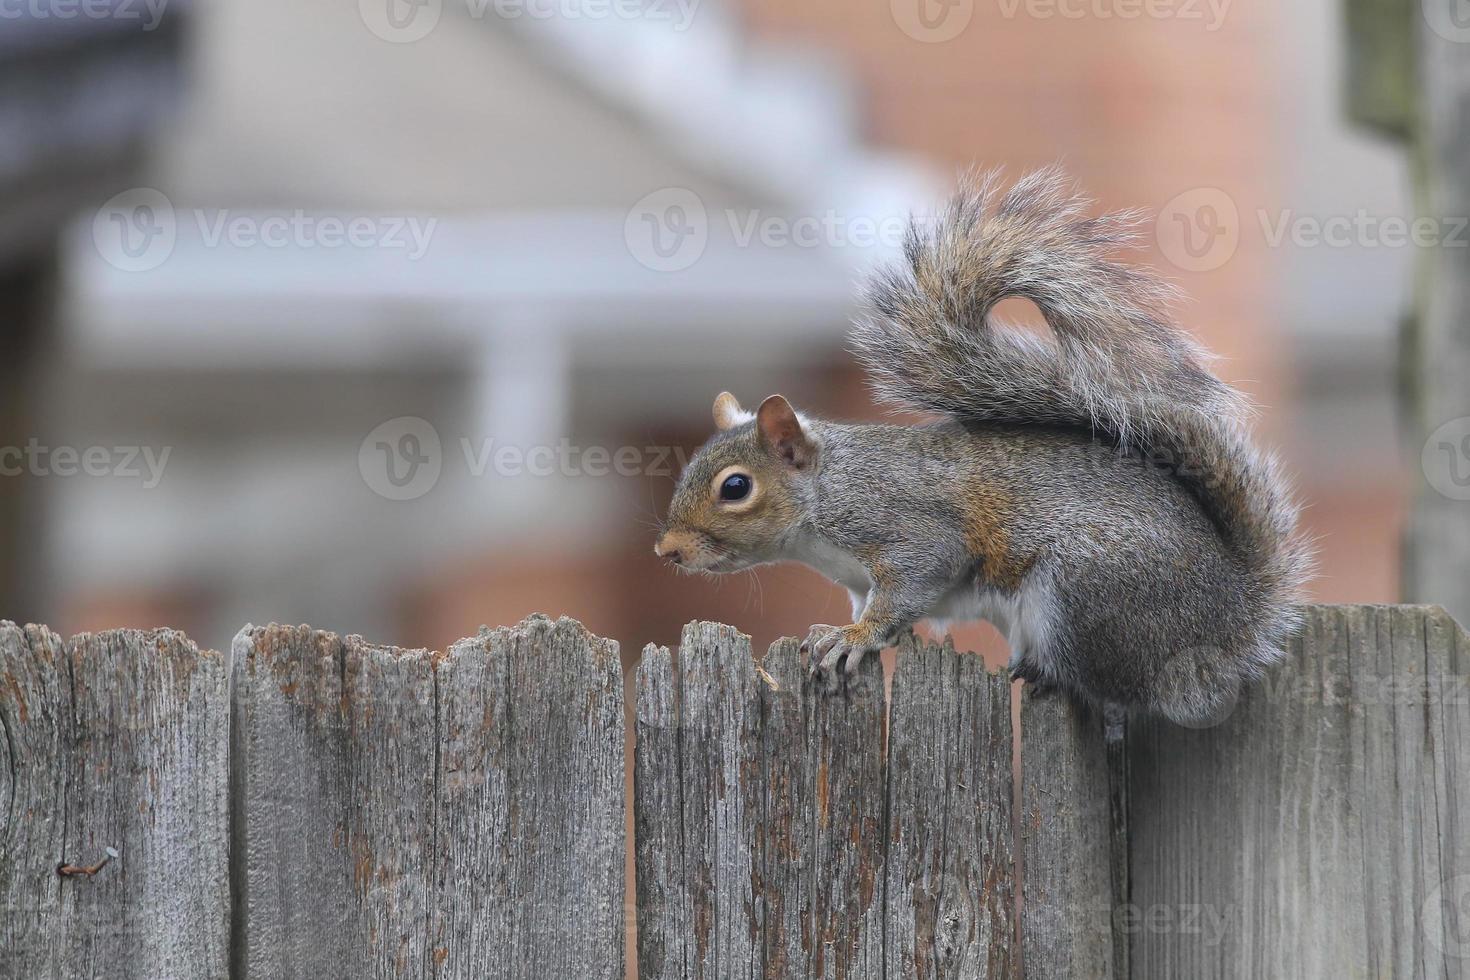 recinzione privacy scoiattolo quartiere foto